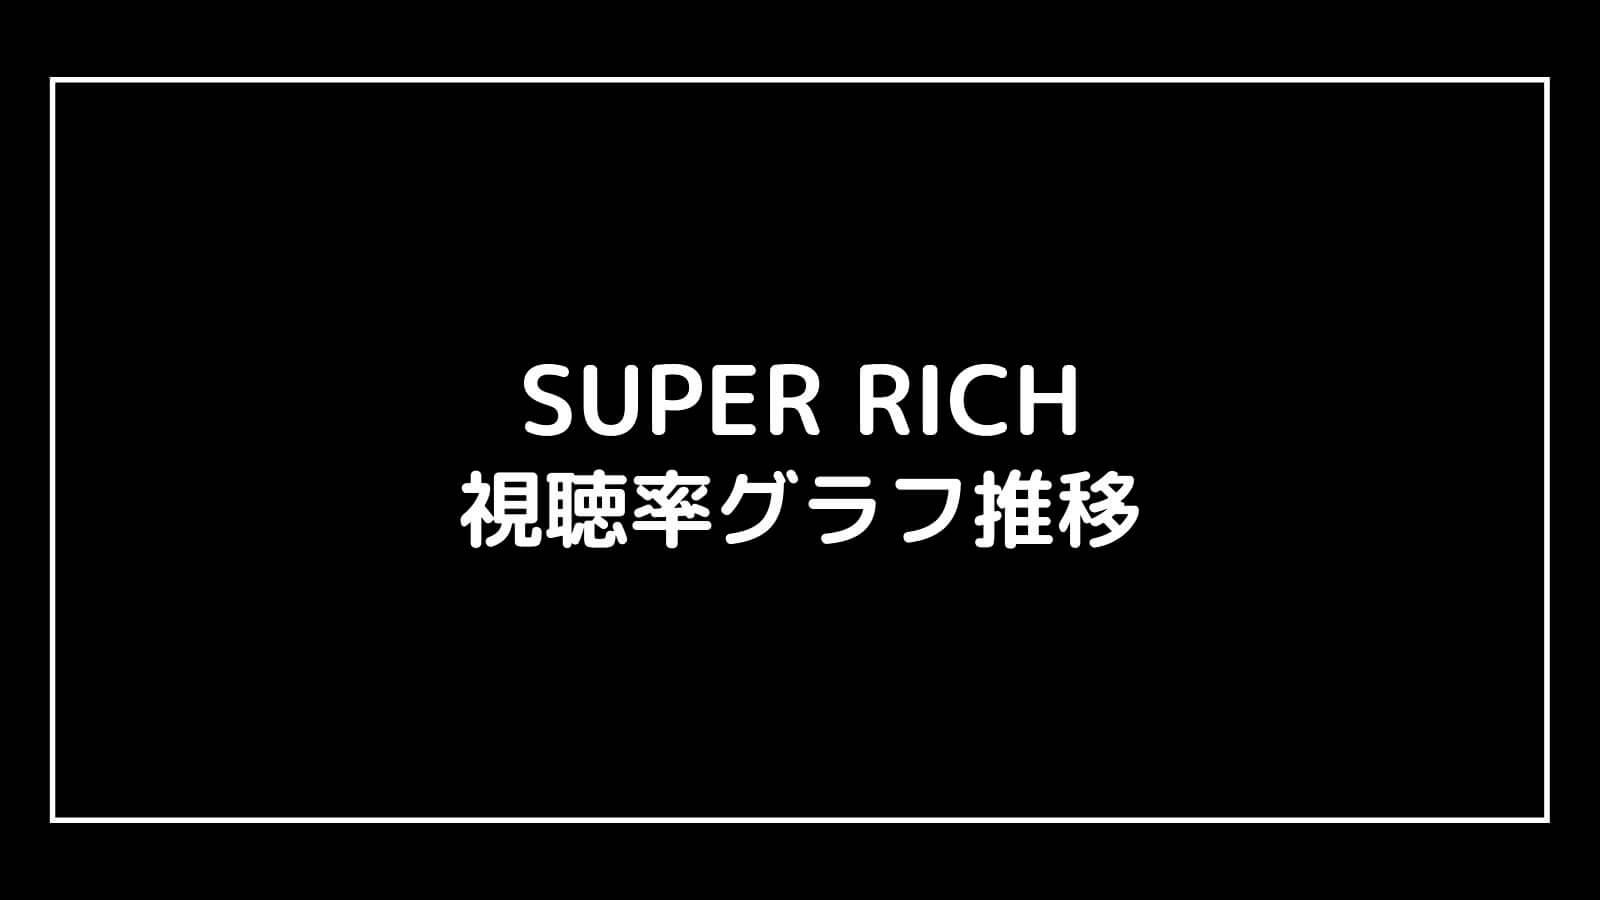 『SUPER RICH』現在の視聴率速報と最終回までのグラフ推移